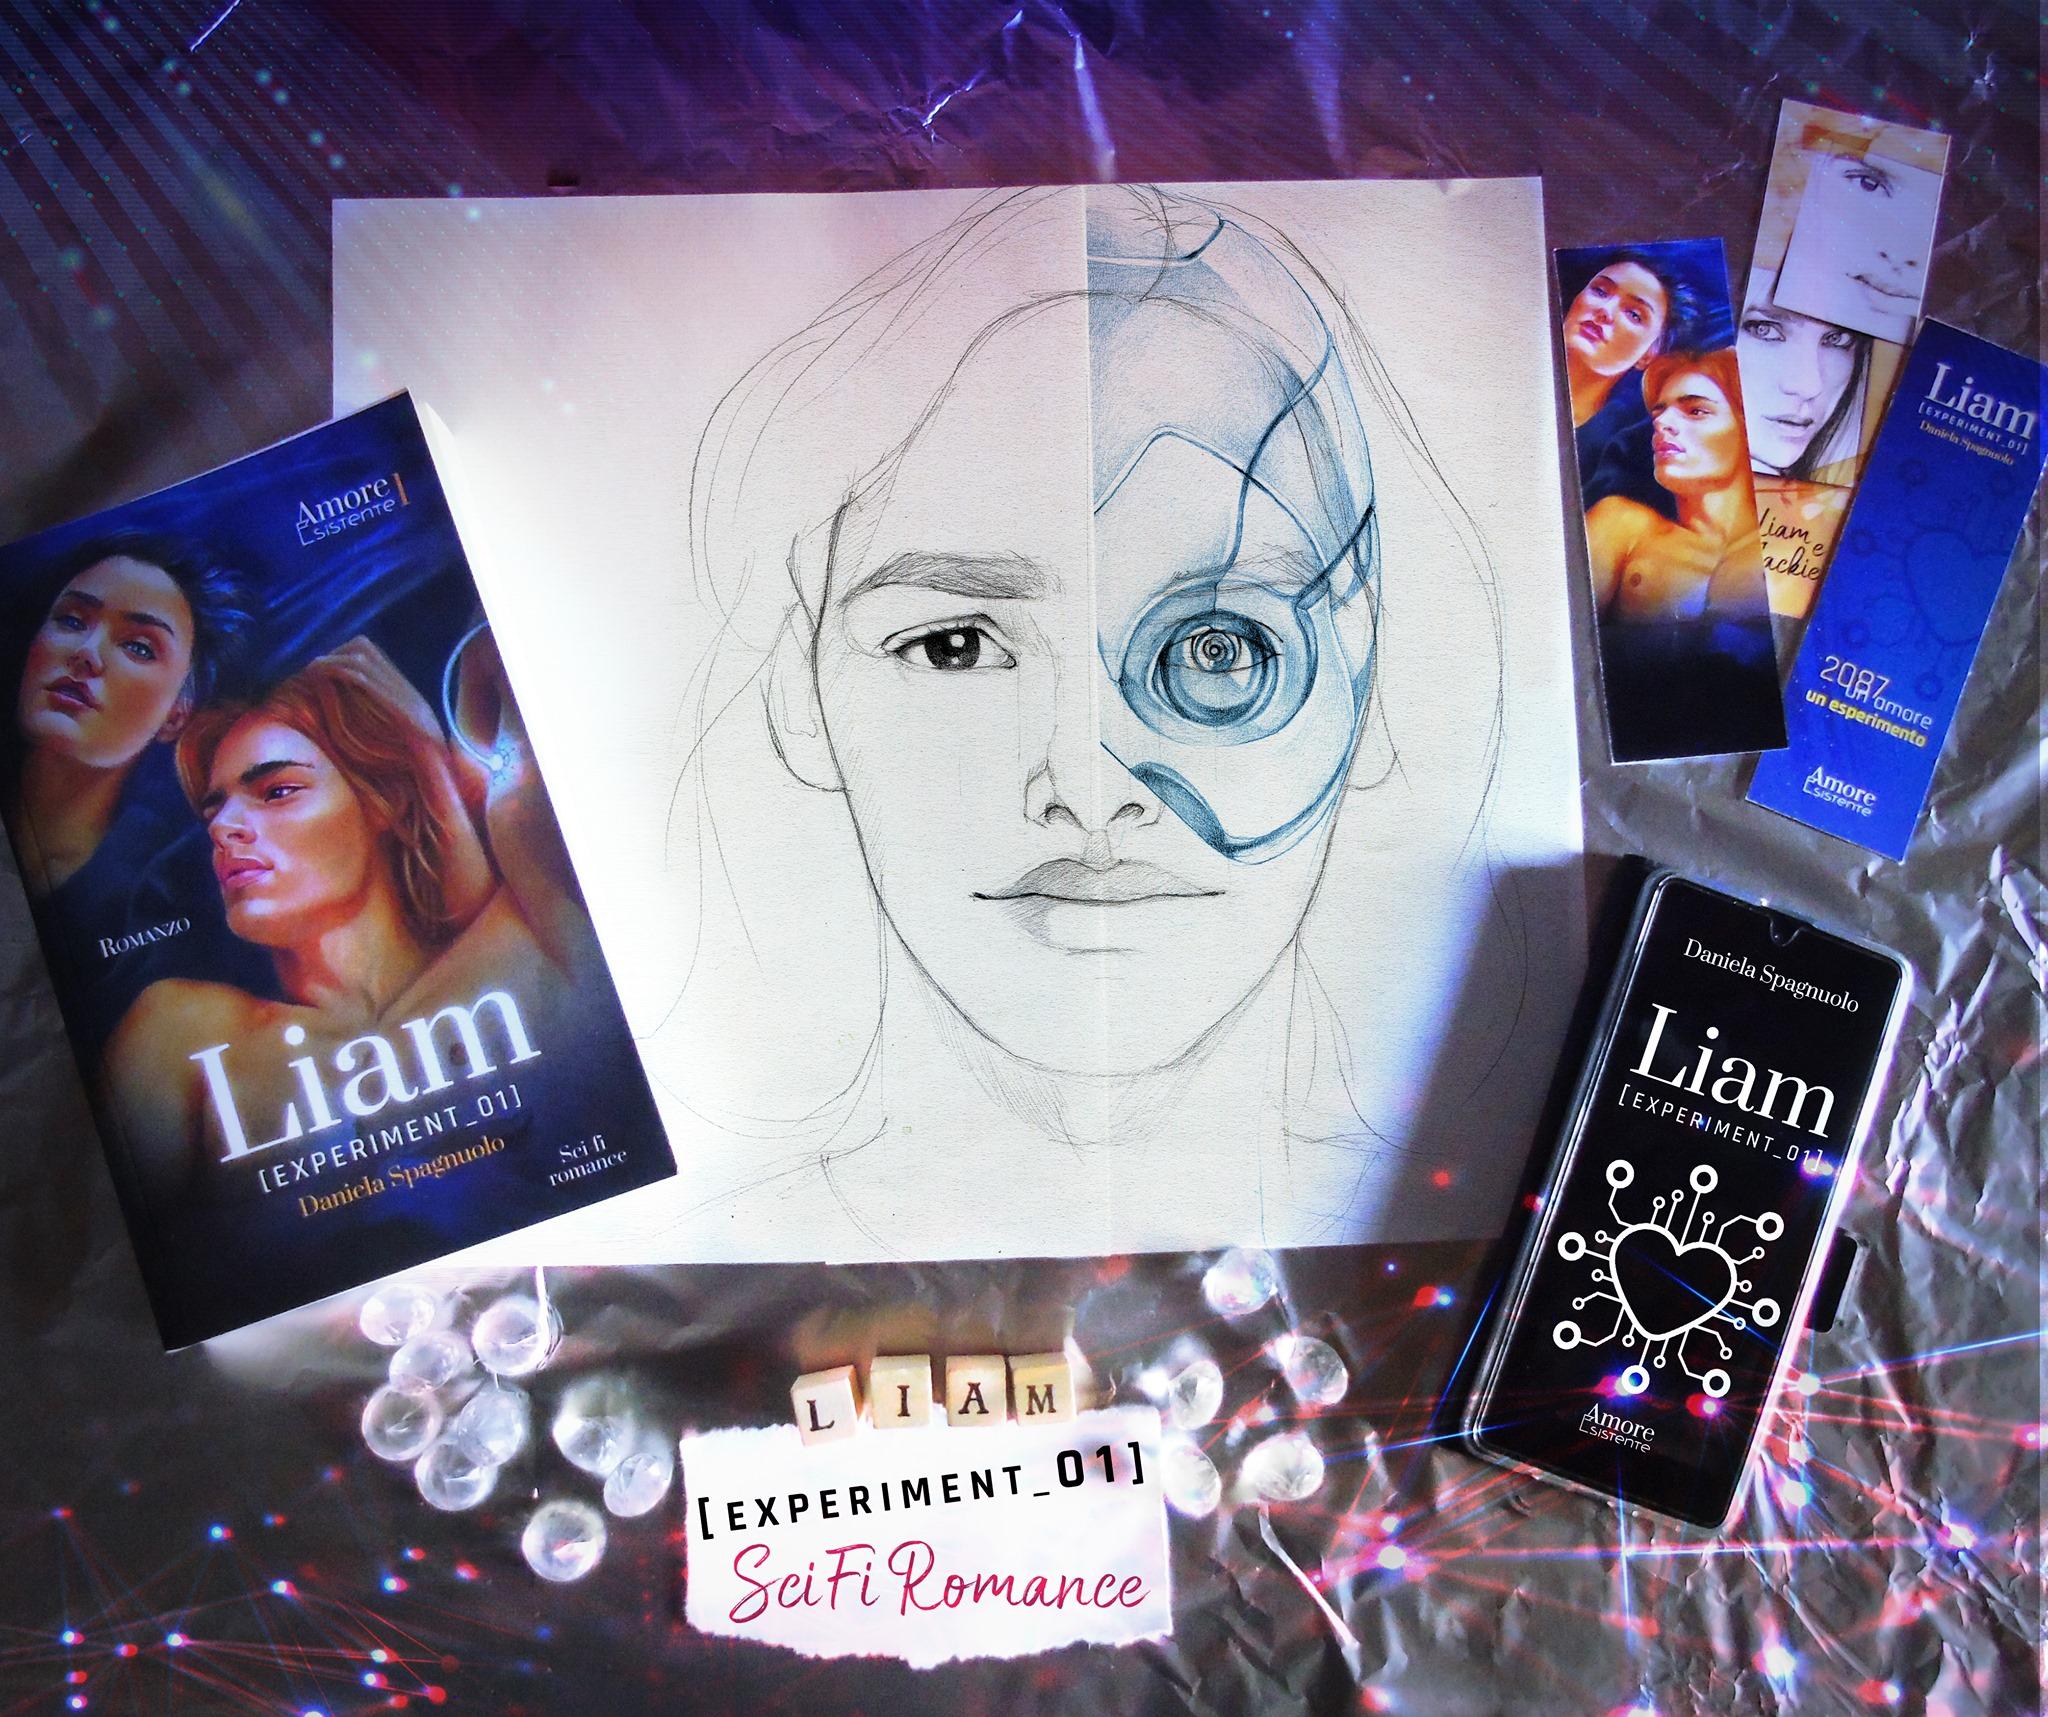 Liam experiment 01 - cartaceo eEbook Kindle Unlimited